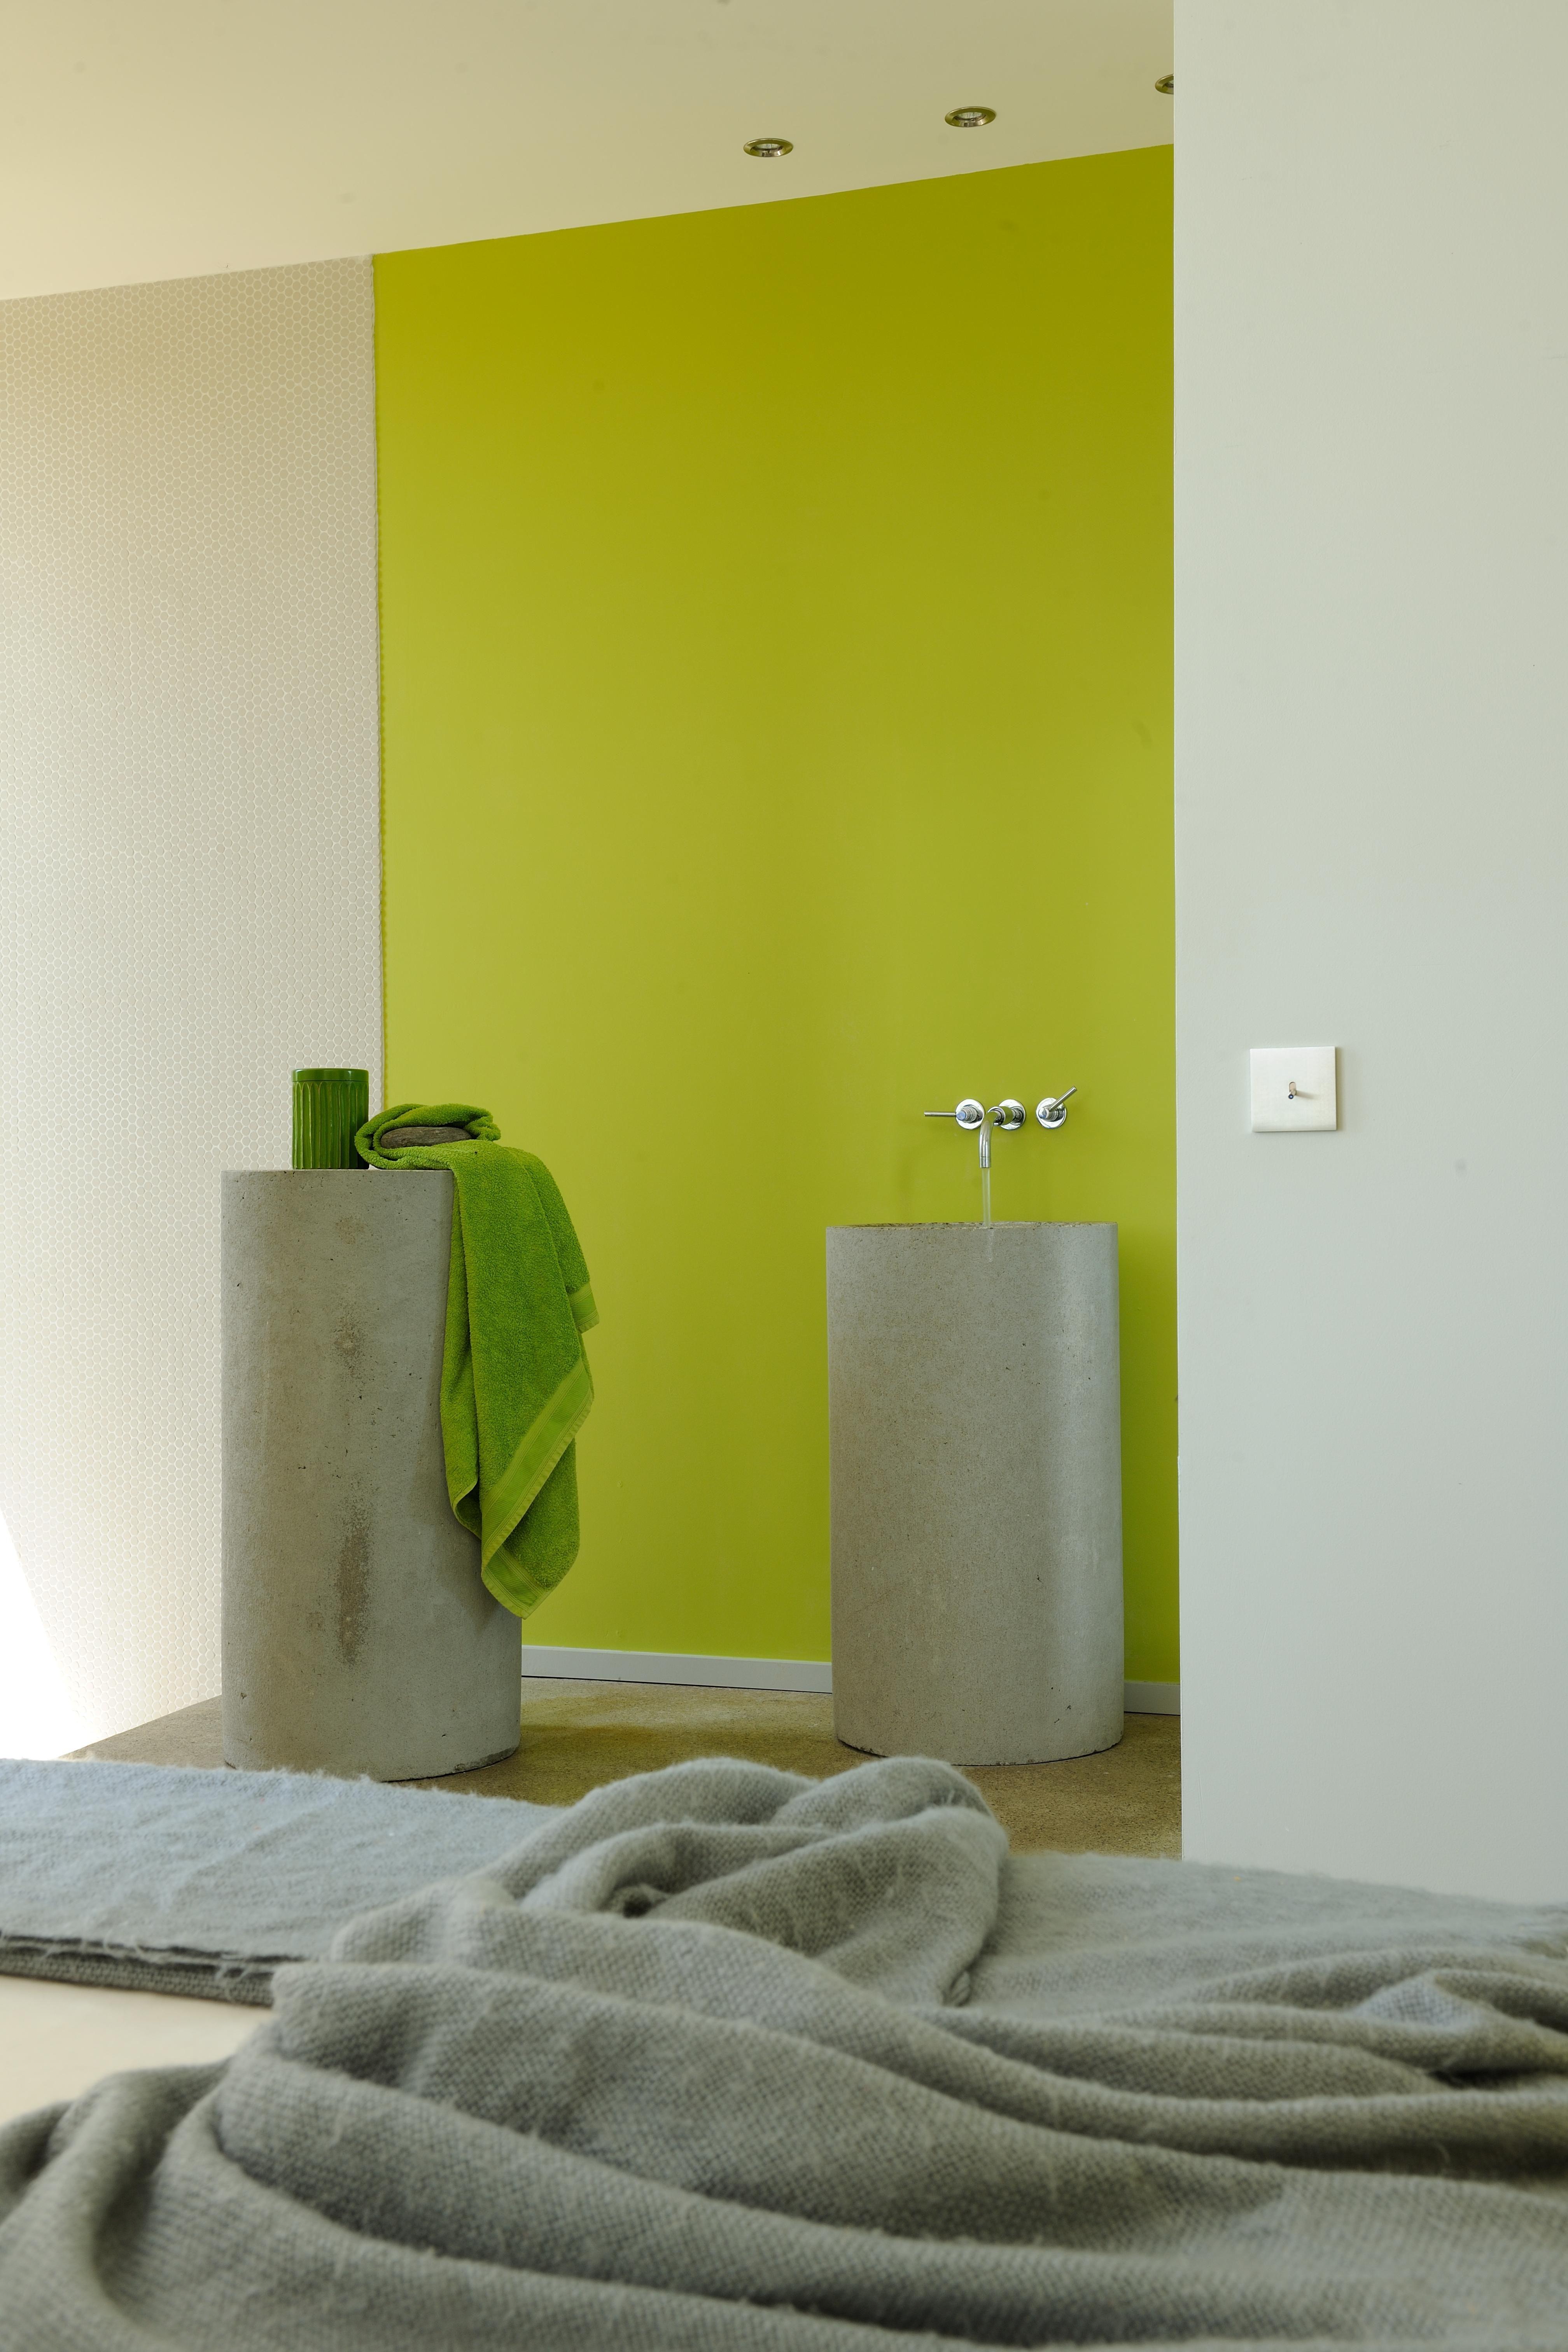 Osez Le Vert Greenery Dans Votre Déco Zolpan Peinture Vert